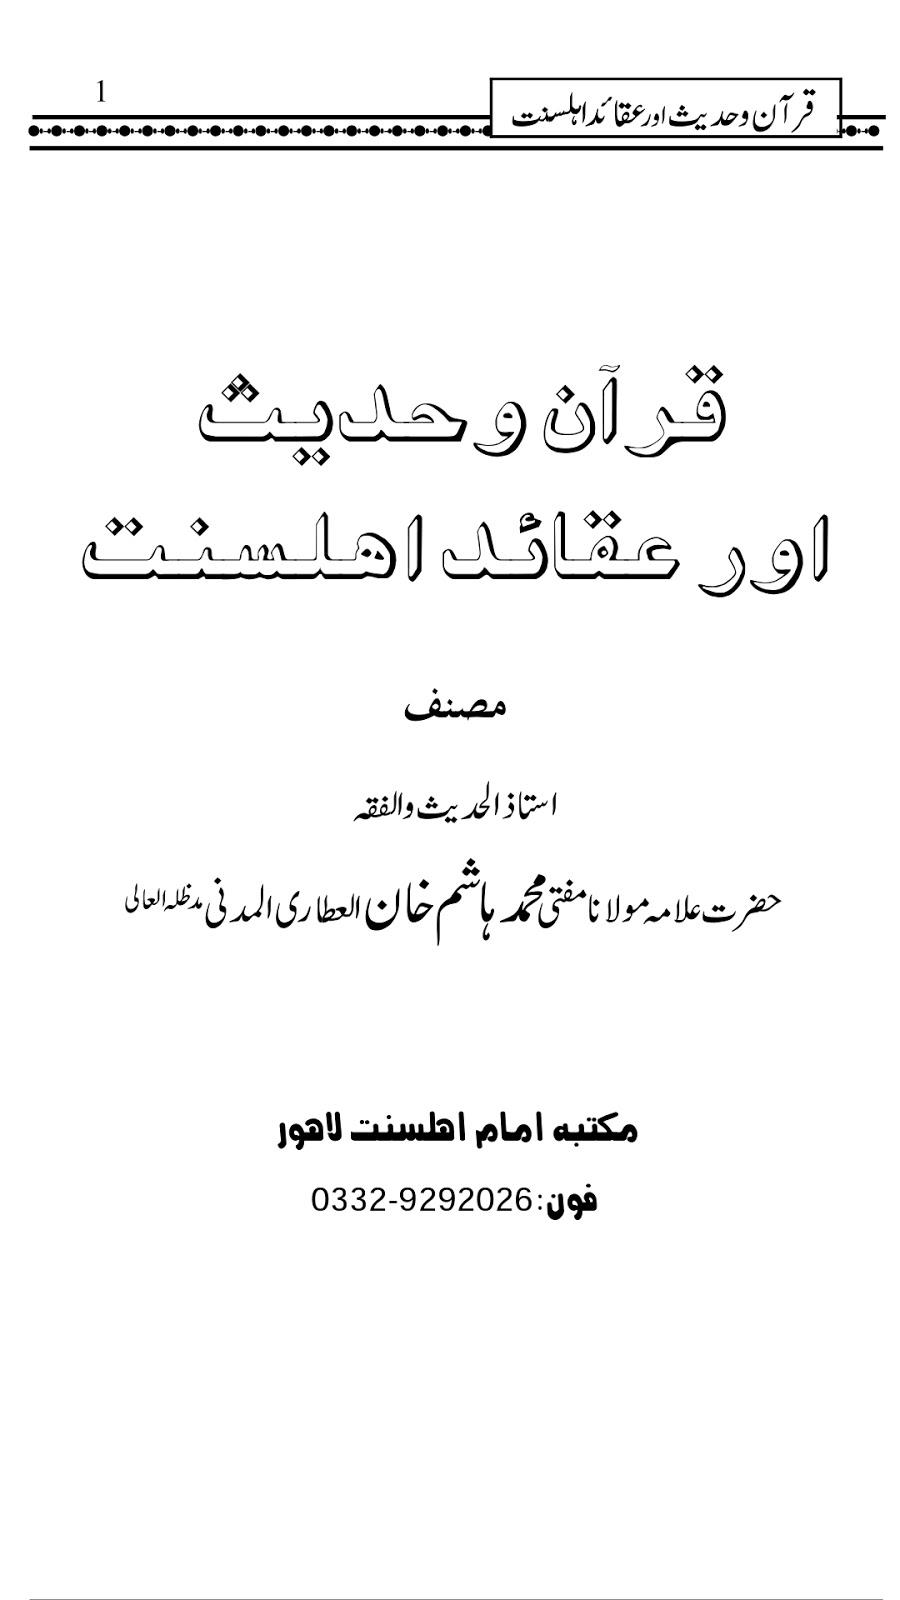 Sahih Bukhari In Urdu By Ahle Sunnat Pdf